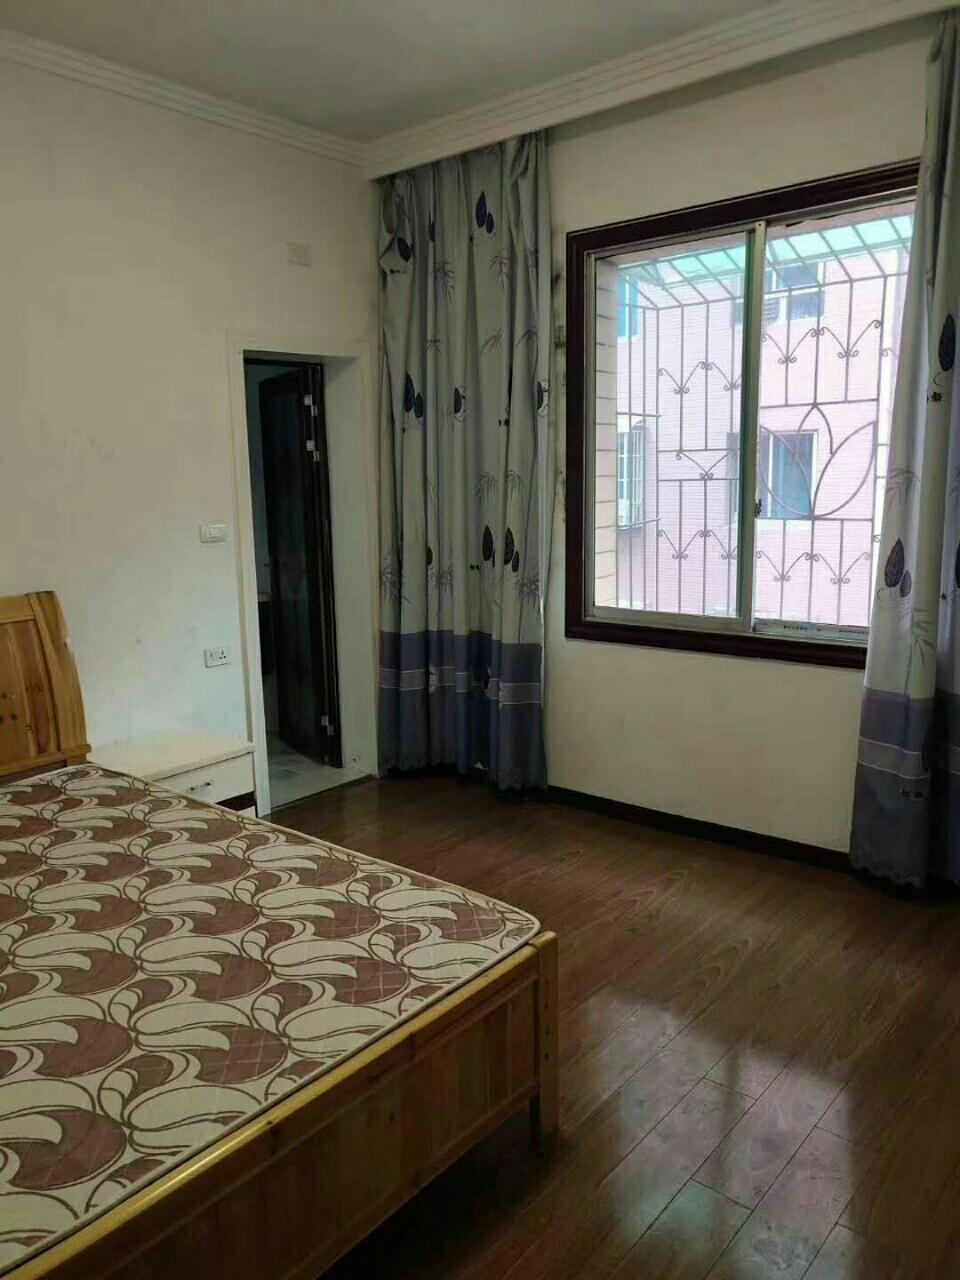 茶乡广场4室2厅2卫58.8万元